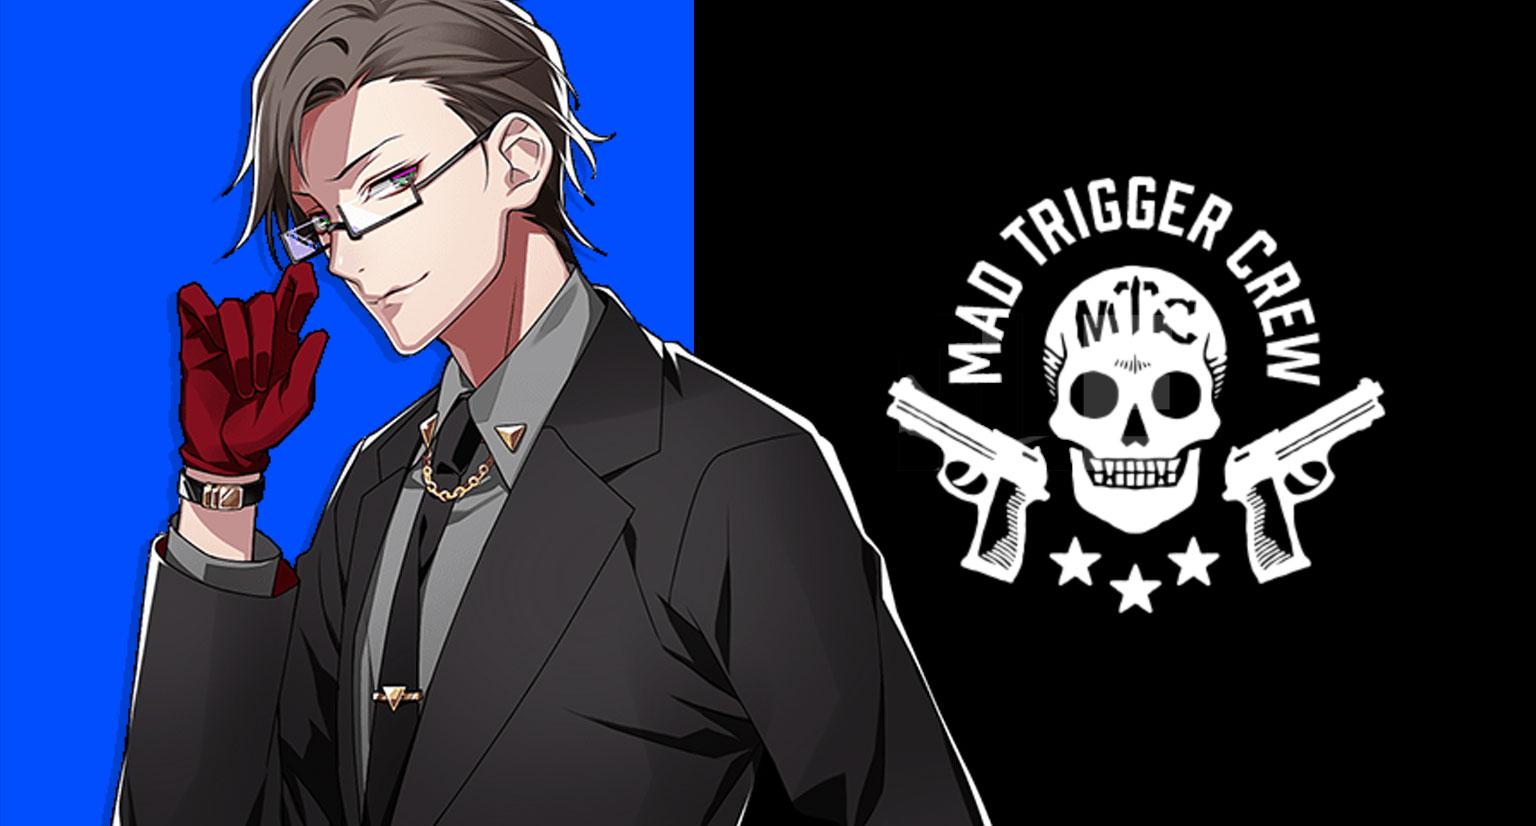 ヒプノシスマイク ヨコハマ・ディビジョン「MAD TRIGGER CREW(マッド トリガー クルー)」入間 銃兎(いるま じゅうと)